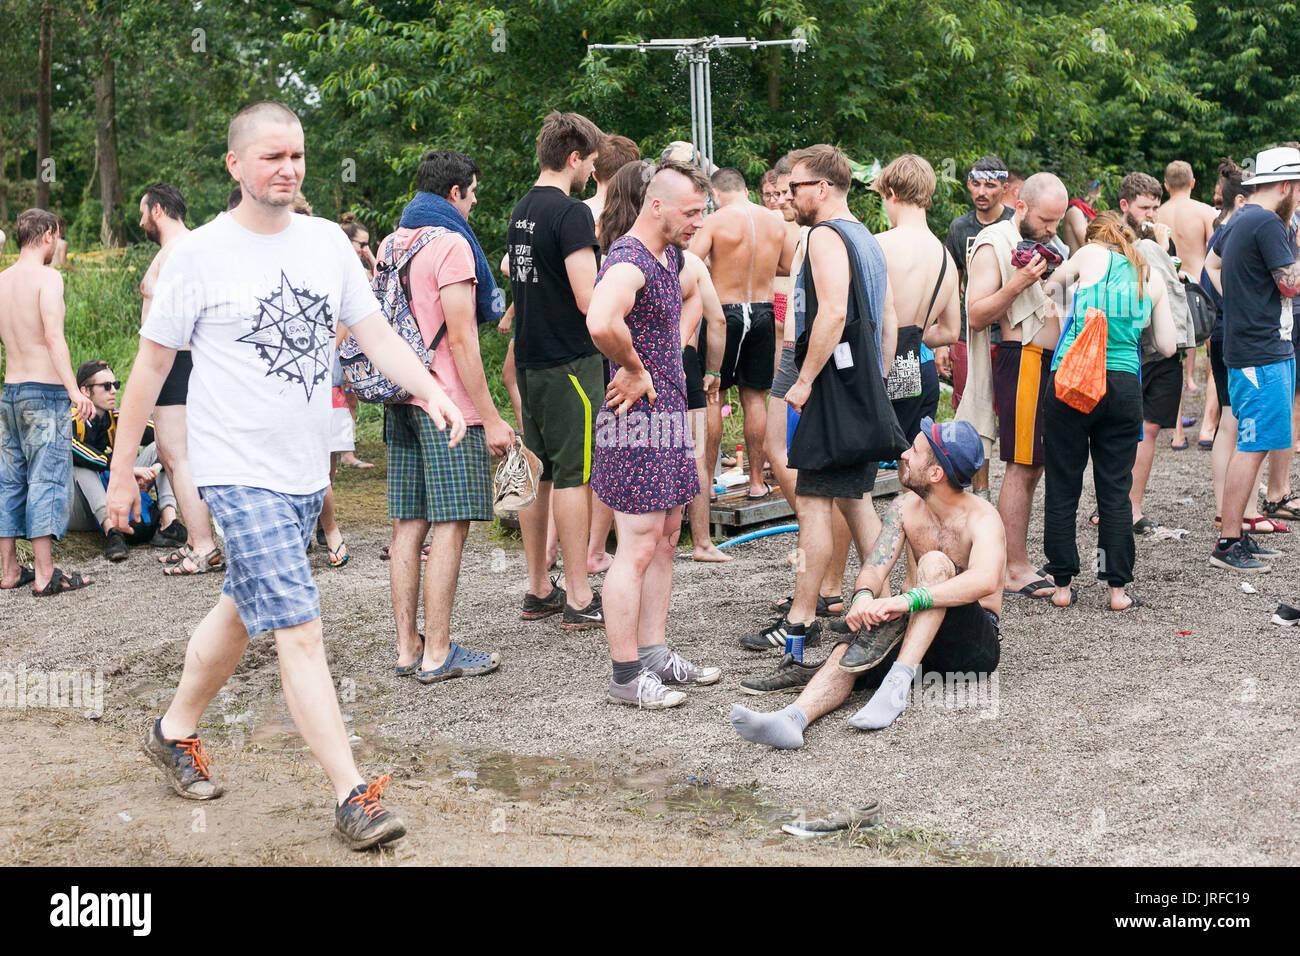 Kostrzyn nad Odra, 4º de agosto de 2017 Polonia Polonia Festival de Woodstock es el mayor festival de música en Polonia. Cada año atrae a Kostrzyn alrededor de 200 mil personas. Magda Pasiewicz/Alamy Live News Imagen De Stock